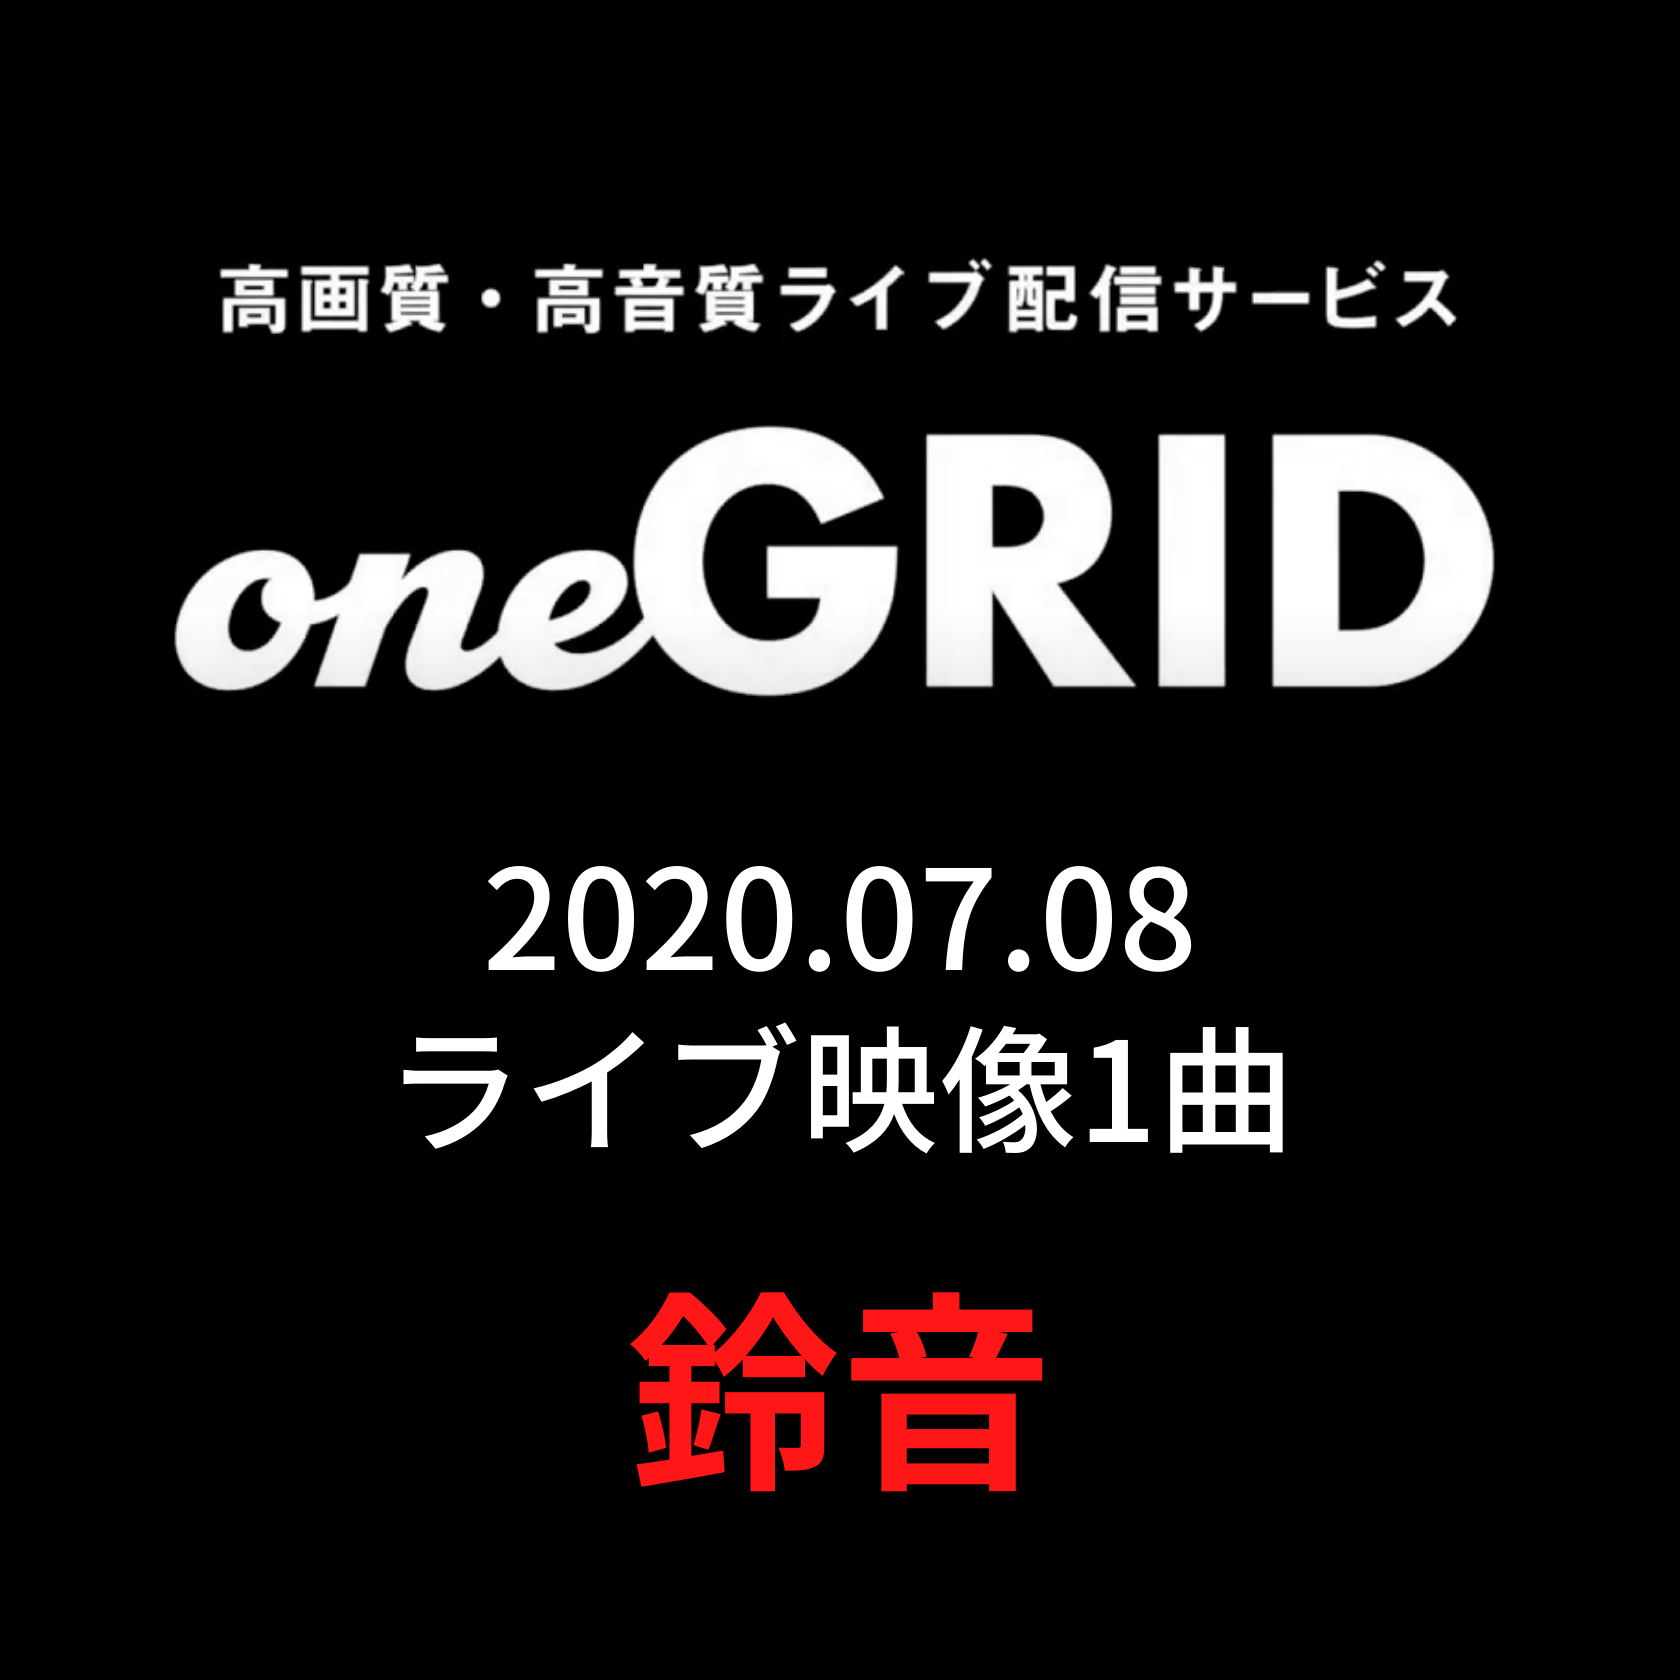 7/8 鈴音 Live映像